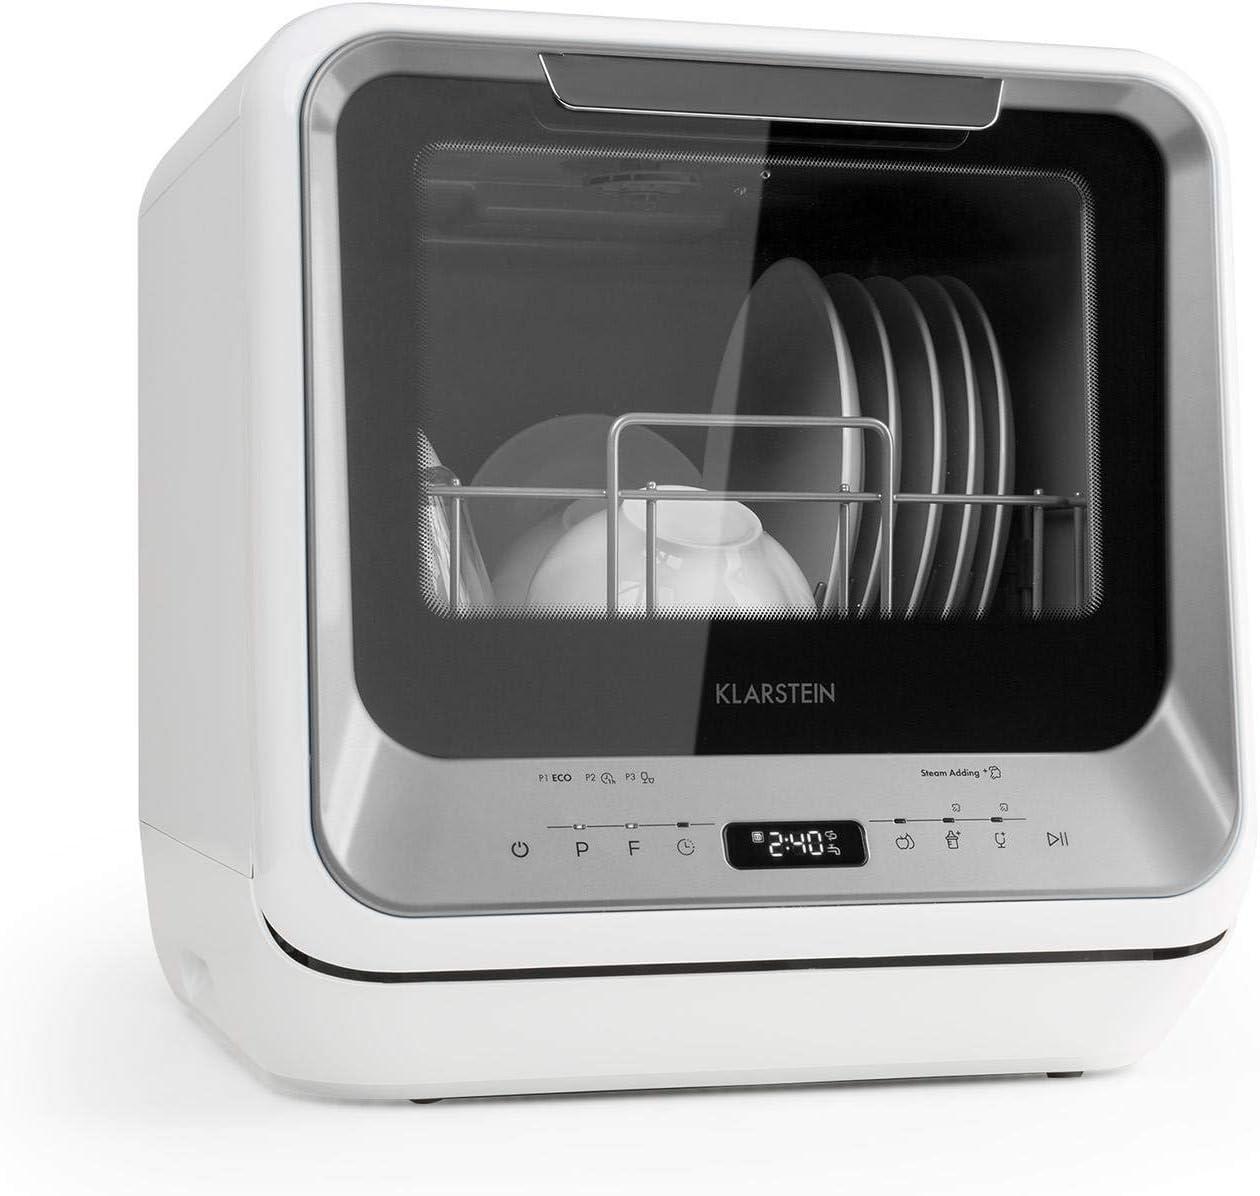 Klarstein Amazonia Mini - Lavavajillas, Máquina lavaplatos, 6 programas: eco, una hora, rápido, fruta, desinfección por calor, vidrio, Necesita 5 litros de agua, Pantalla LED, Táctil, Plateado